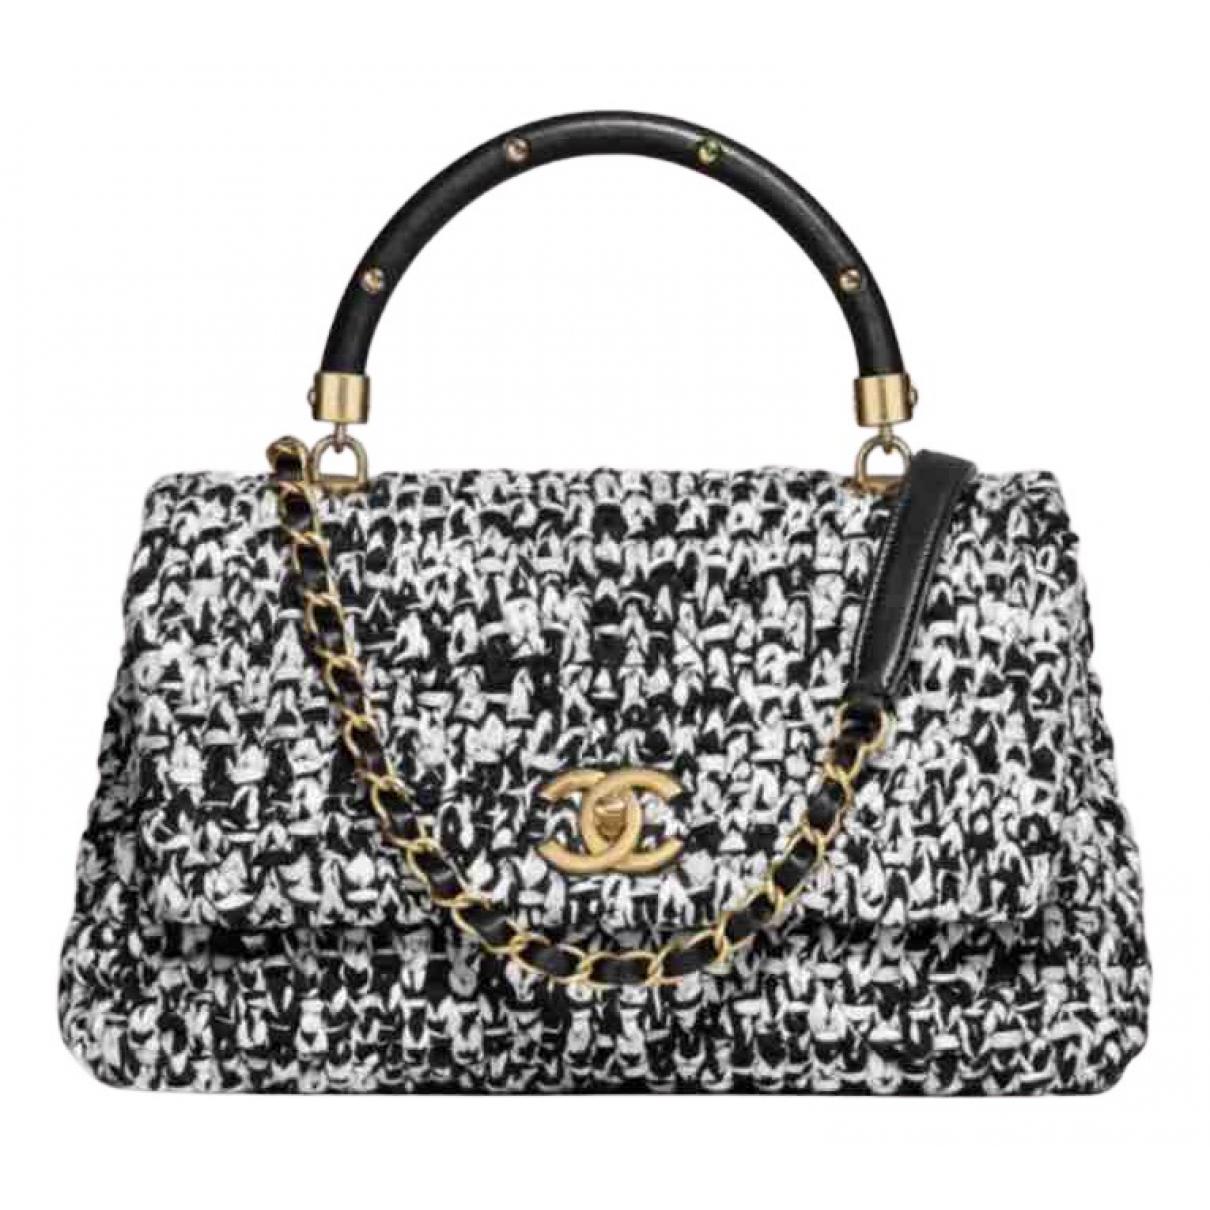 Chanel \N Handtasche in  Schwarz Tweed